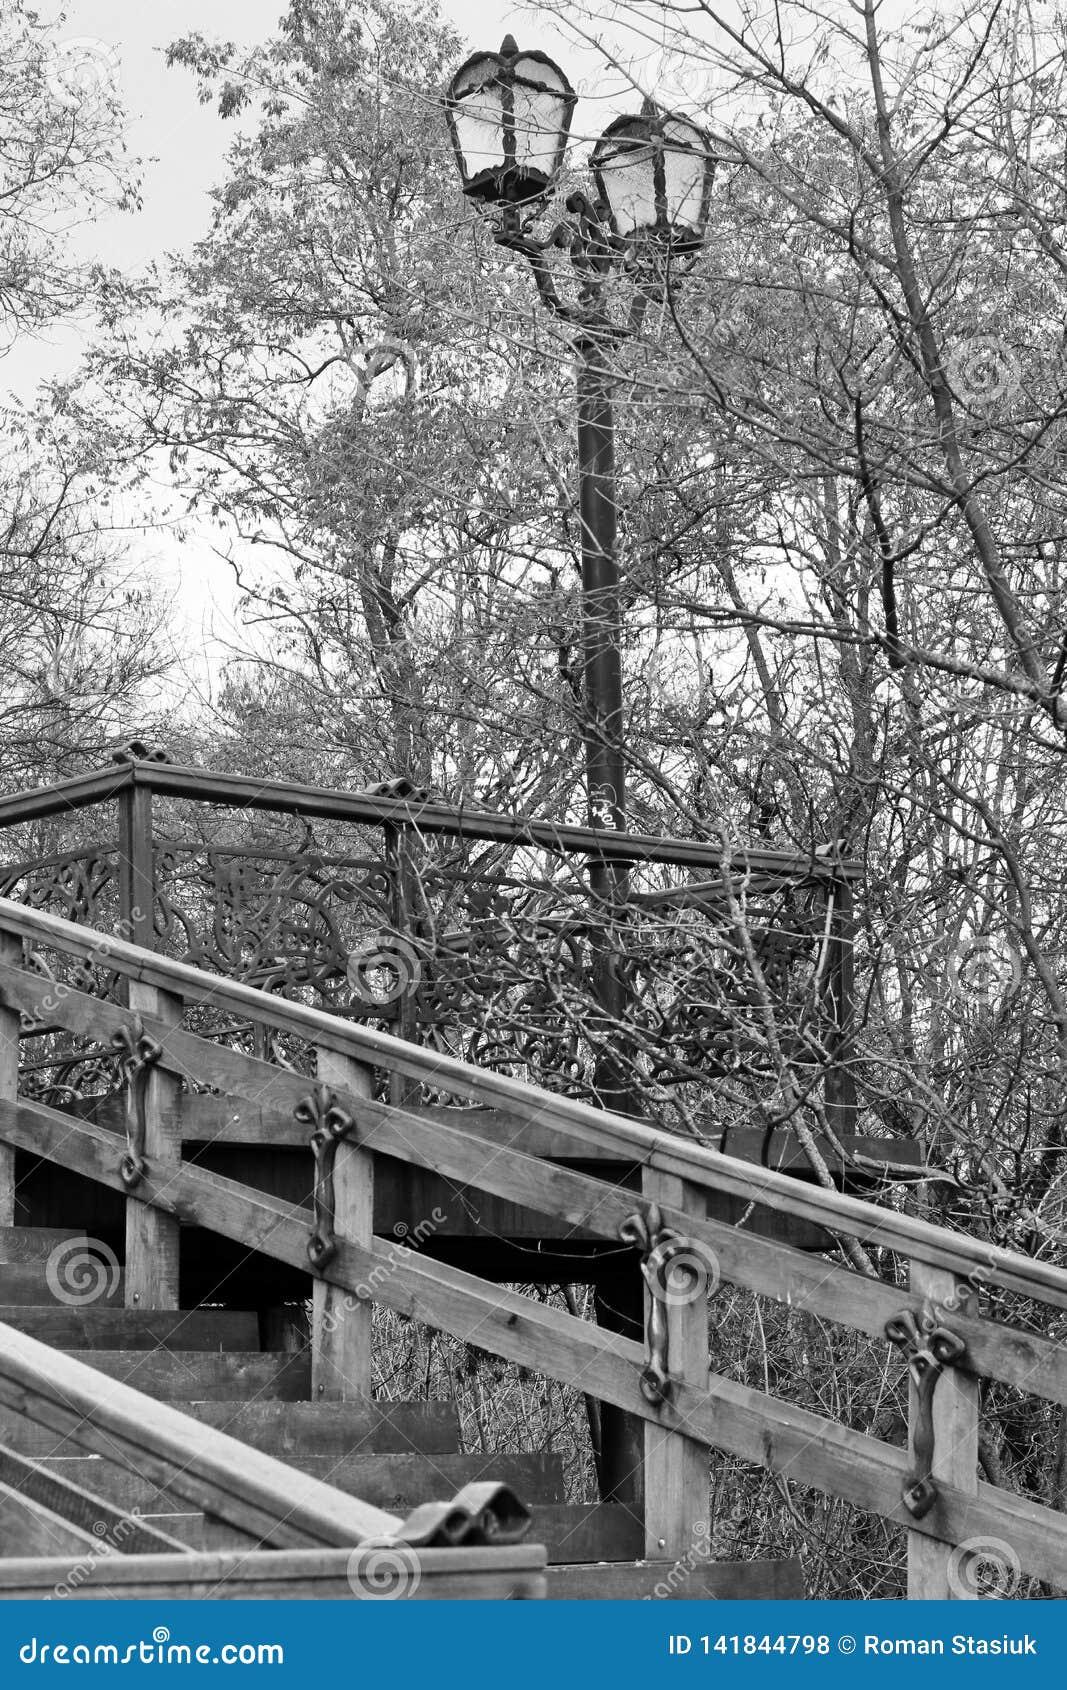 Vieil escalier Vieil escalier en bois avec des ?l?ments de fer travaill? Vieille ?chelle en parc Ville Tchernigov histoire